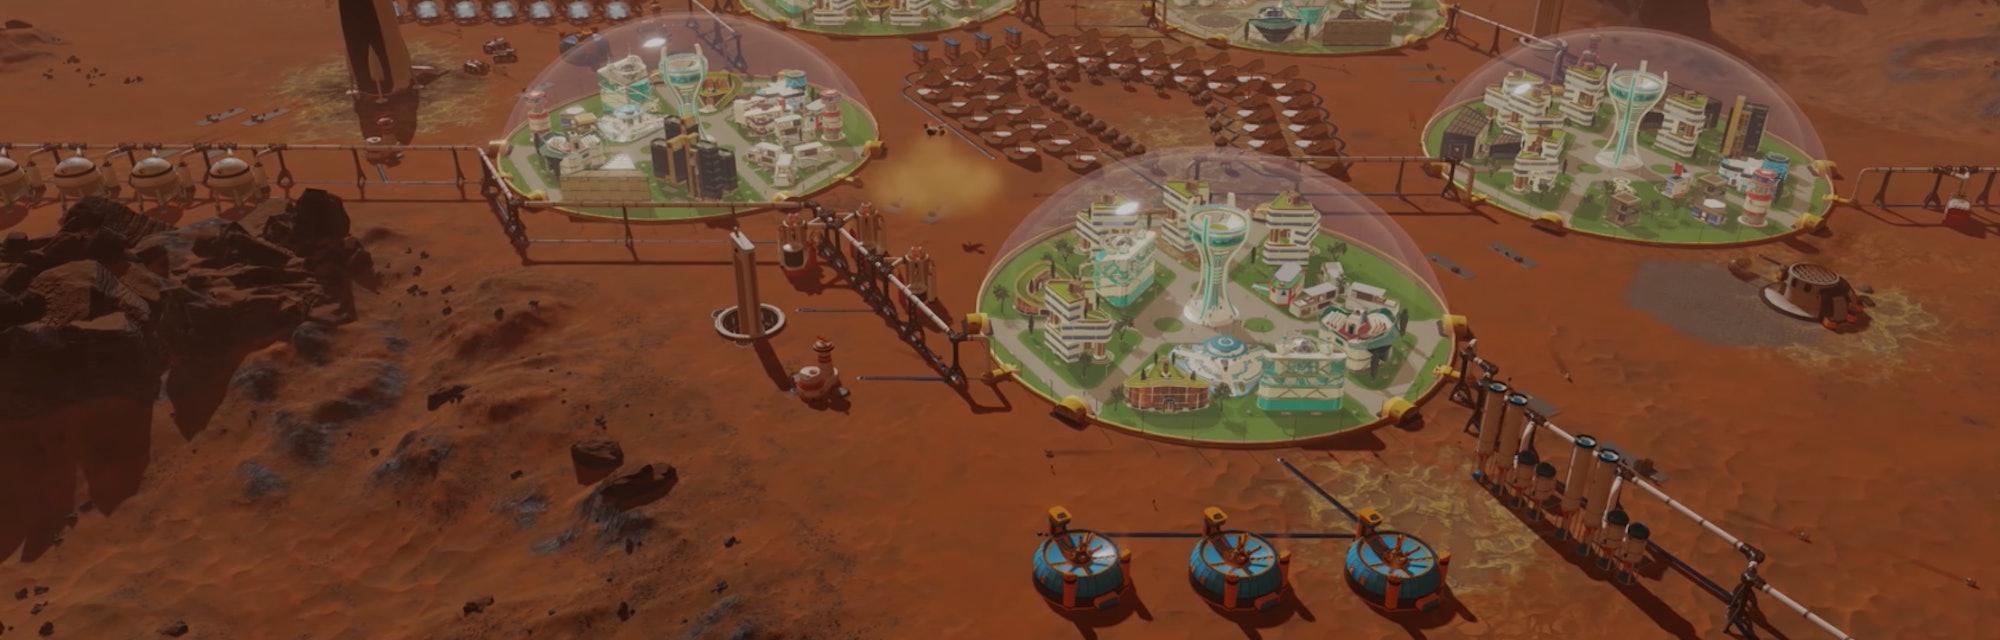 Surviving Mars Paradox game screenshot